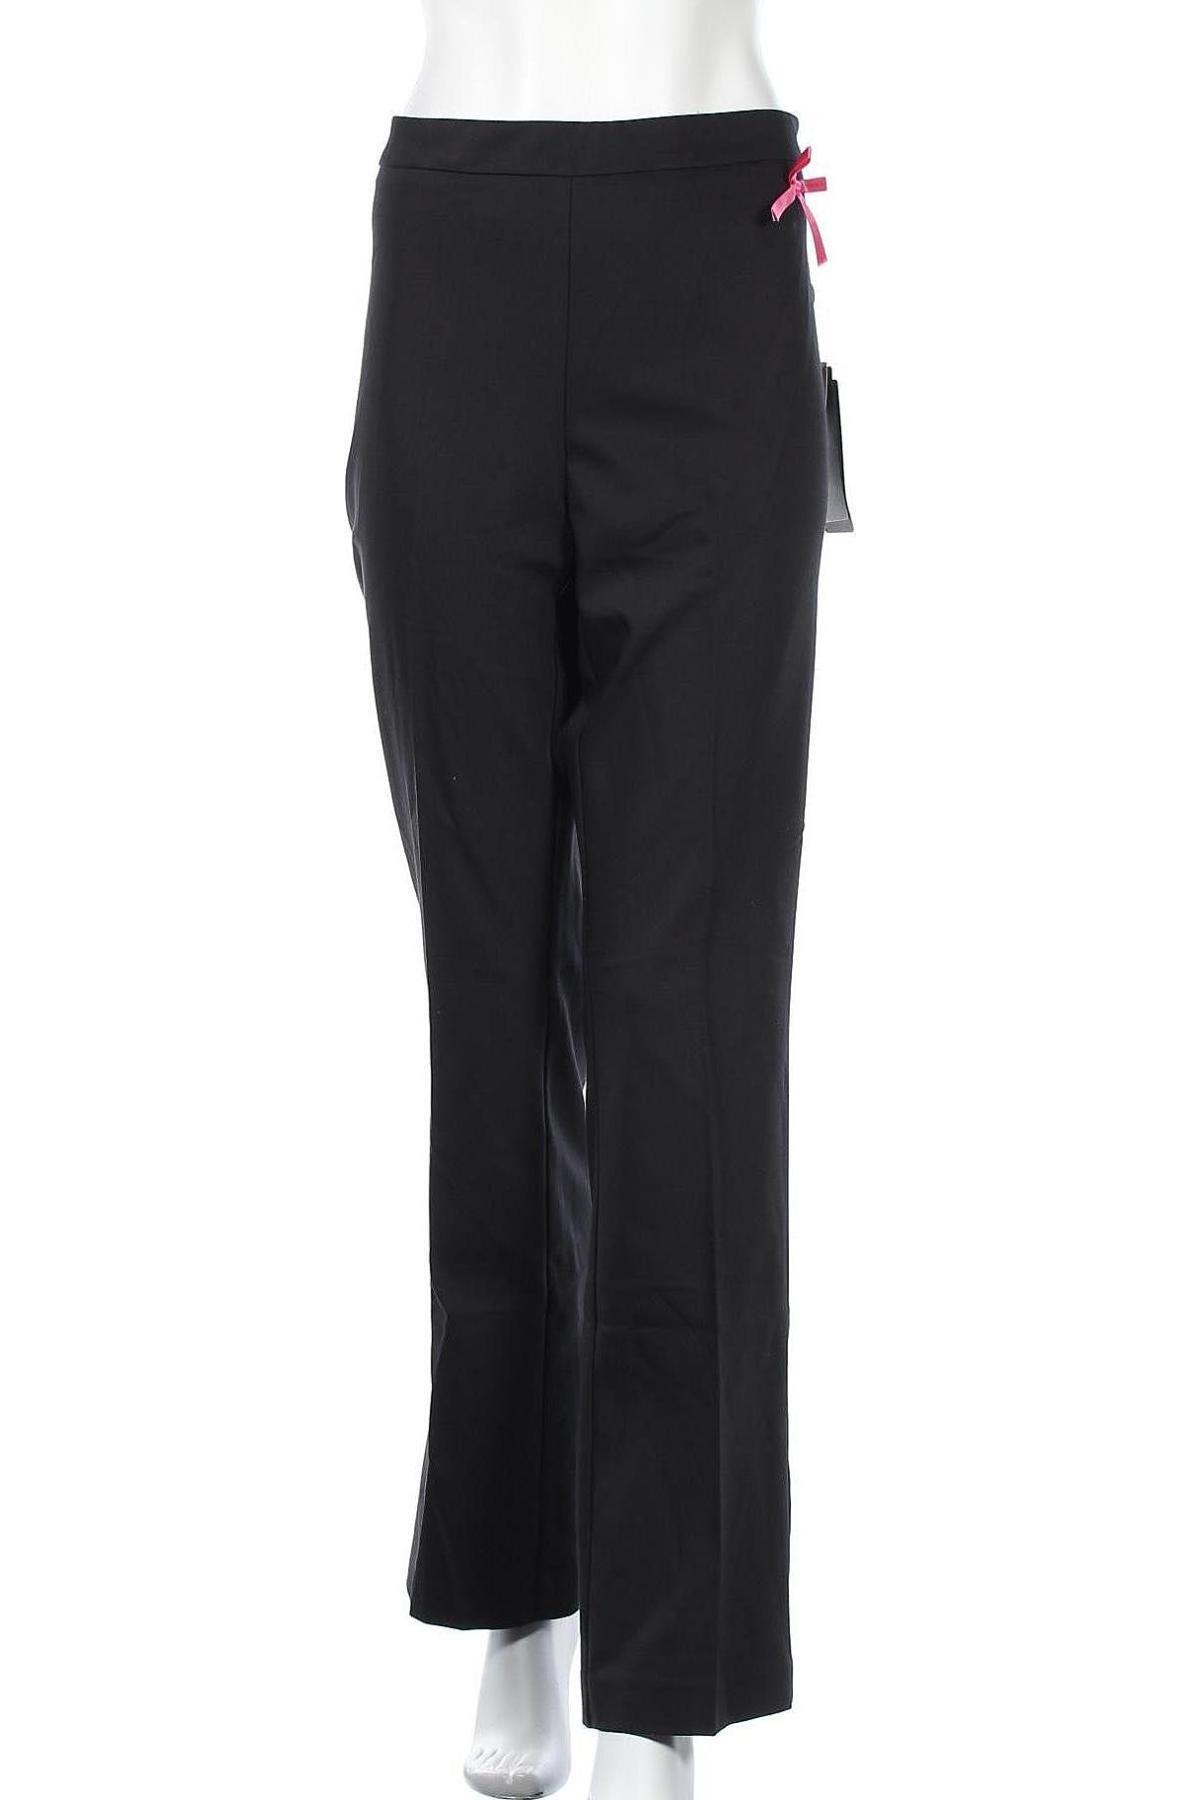 Дамски панталон Camomilla, Размер XL, Цвят Черен, Цена 17,80лв.